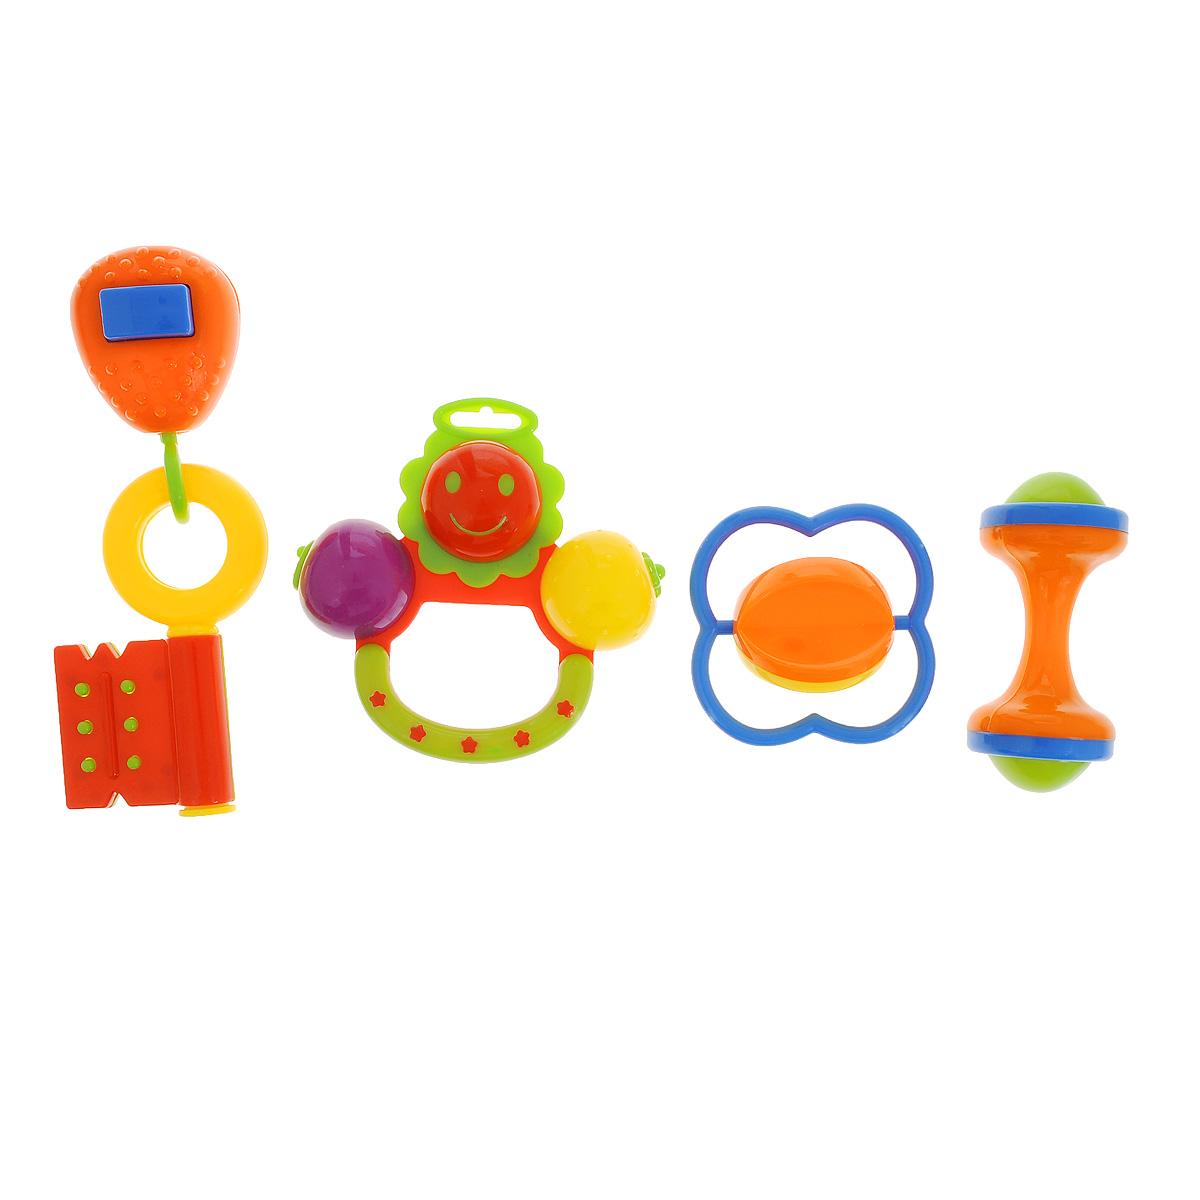 Набор погремушек Малышарики, 4 штMSH0302-003Погремушки Малышарики выполнены из безопасных материалов в ярком дизайне. Яркая и звонкая погремушка является первой игрушкой малыша, которая дарит ему радость и помогает знакомится с окружающим миром. Набор состоит из четырех погремушек, каждая из которых имеет свои особенности: звонкая ромашка, ключик с пищалкой, погремушка с крутящимся шариком и маленькая погремушка в форме гантельки, удобная для ручки малыша. Погремушки Малышарики помогут крохе научиться фокусировать внимание, развивают мелкую моторику и слуховое восприятие малыша. Рекомендуемый возраст: 0-1 год.